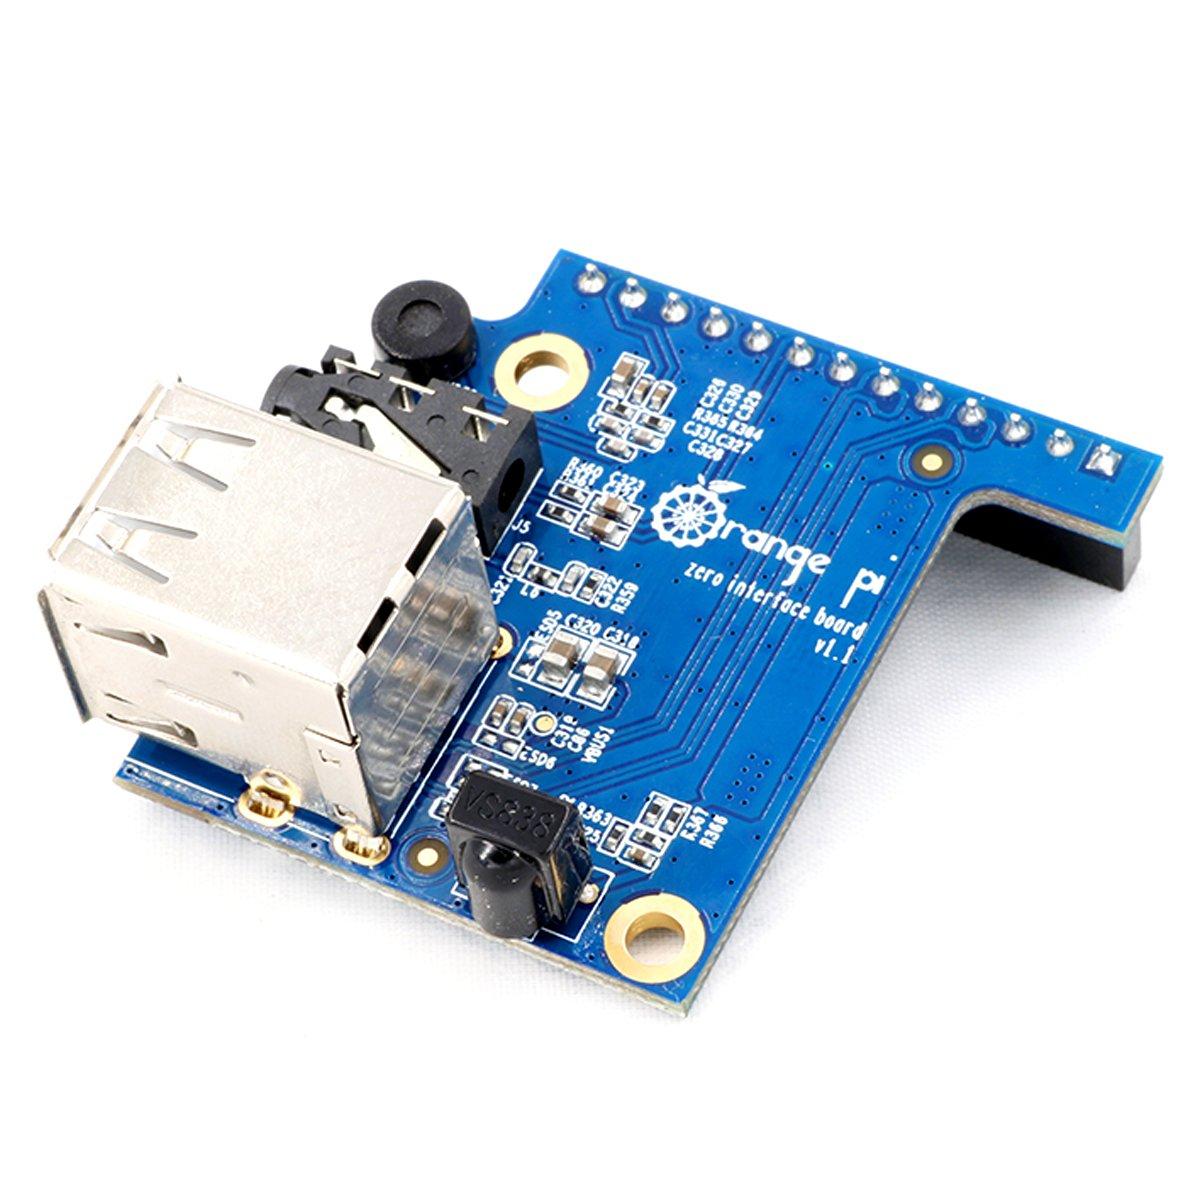 Makerhawk Orange Pi Zero Expansion Board Interface Development 512 Computers Accessories